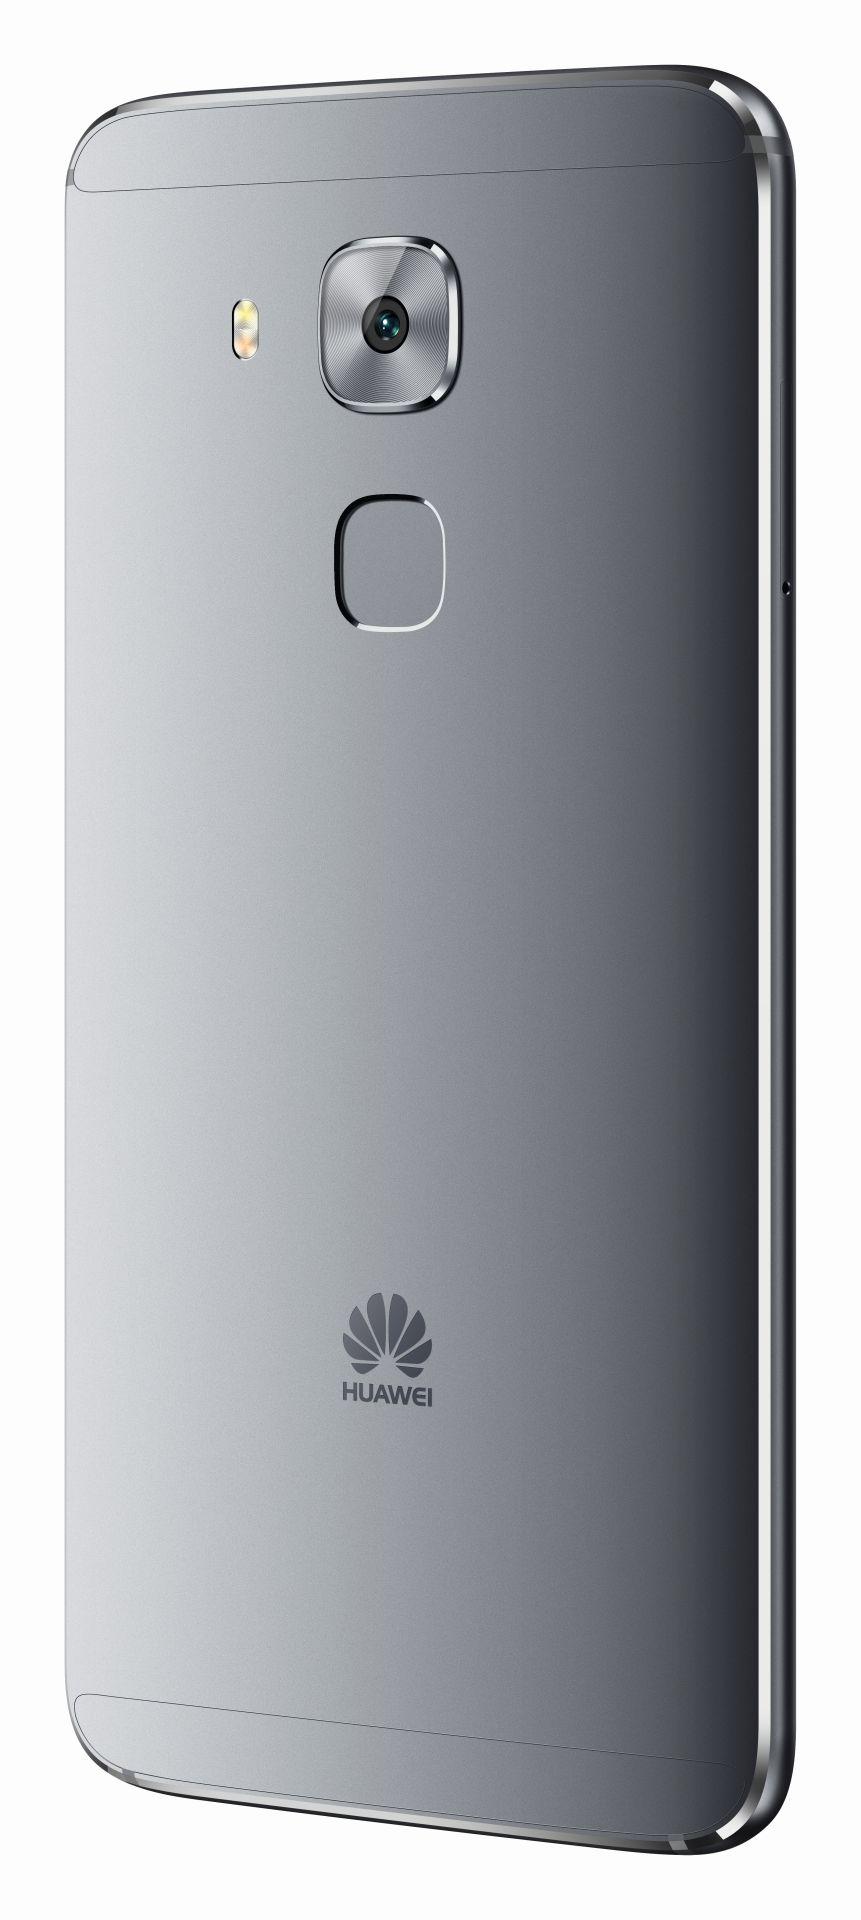 Android-Smartphone: Huawei bringt Nova Plus doch nach Deutschland - Unter der Kamera ist ein Fingerabdrucksensor eingebaut. (Bild: Huawei)